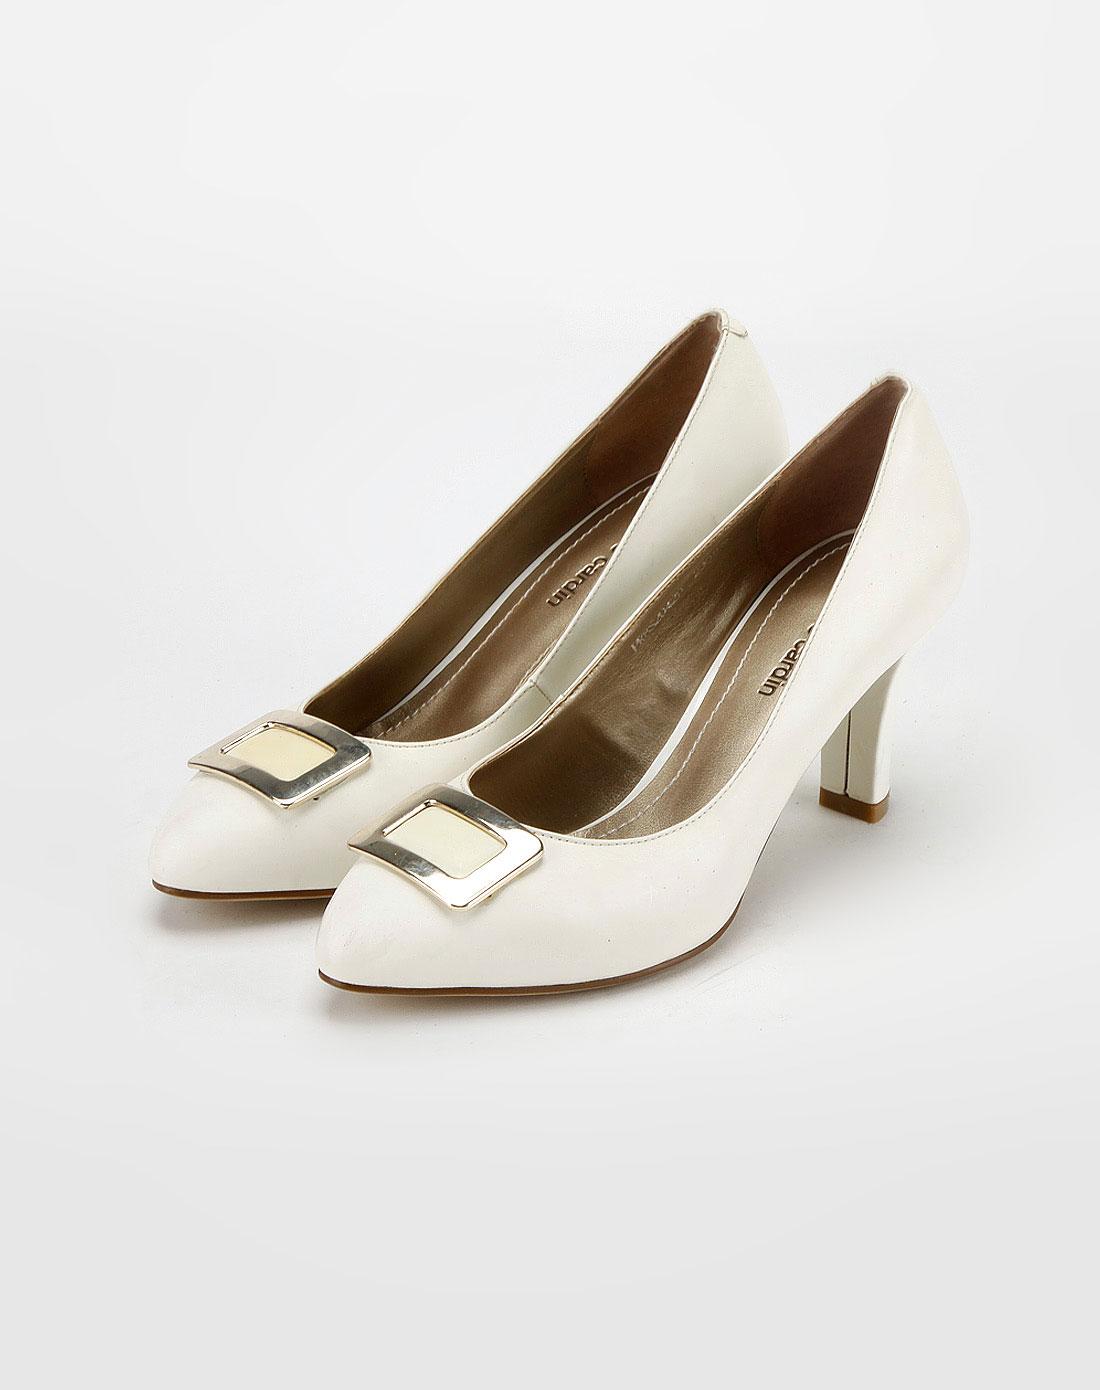 cardin女款灰白色方形扣休闲鞋